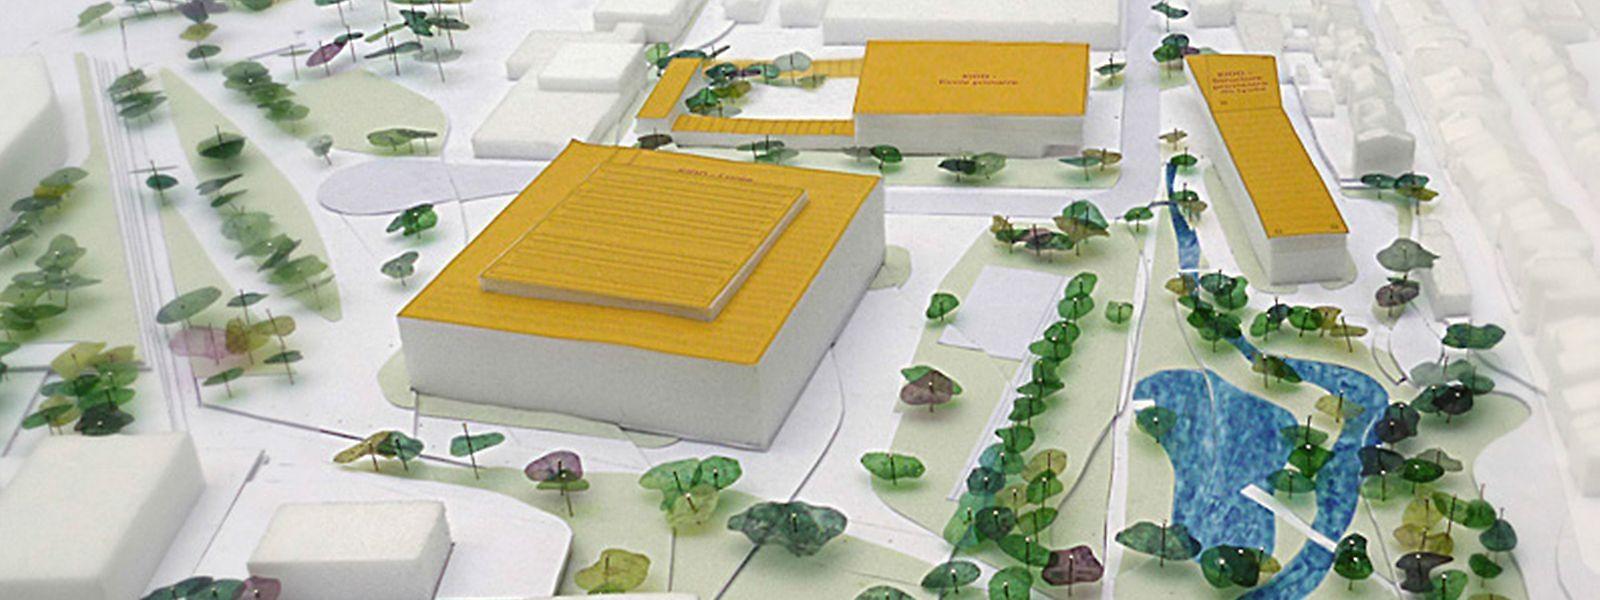 Le bâtiment carré de l'école primaire de l'EIDE devrait accueillir 435 élèves dès 2022.